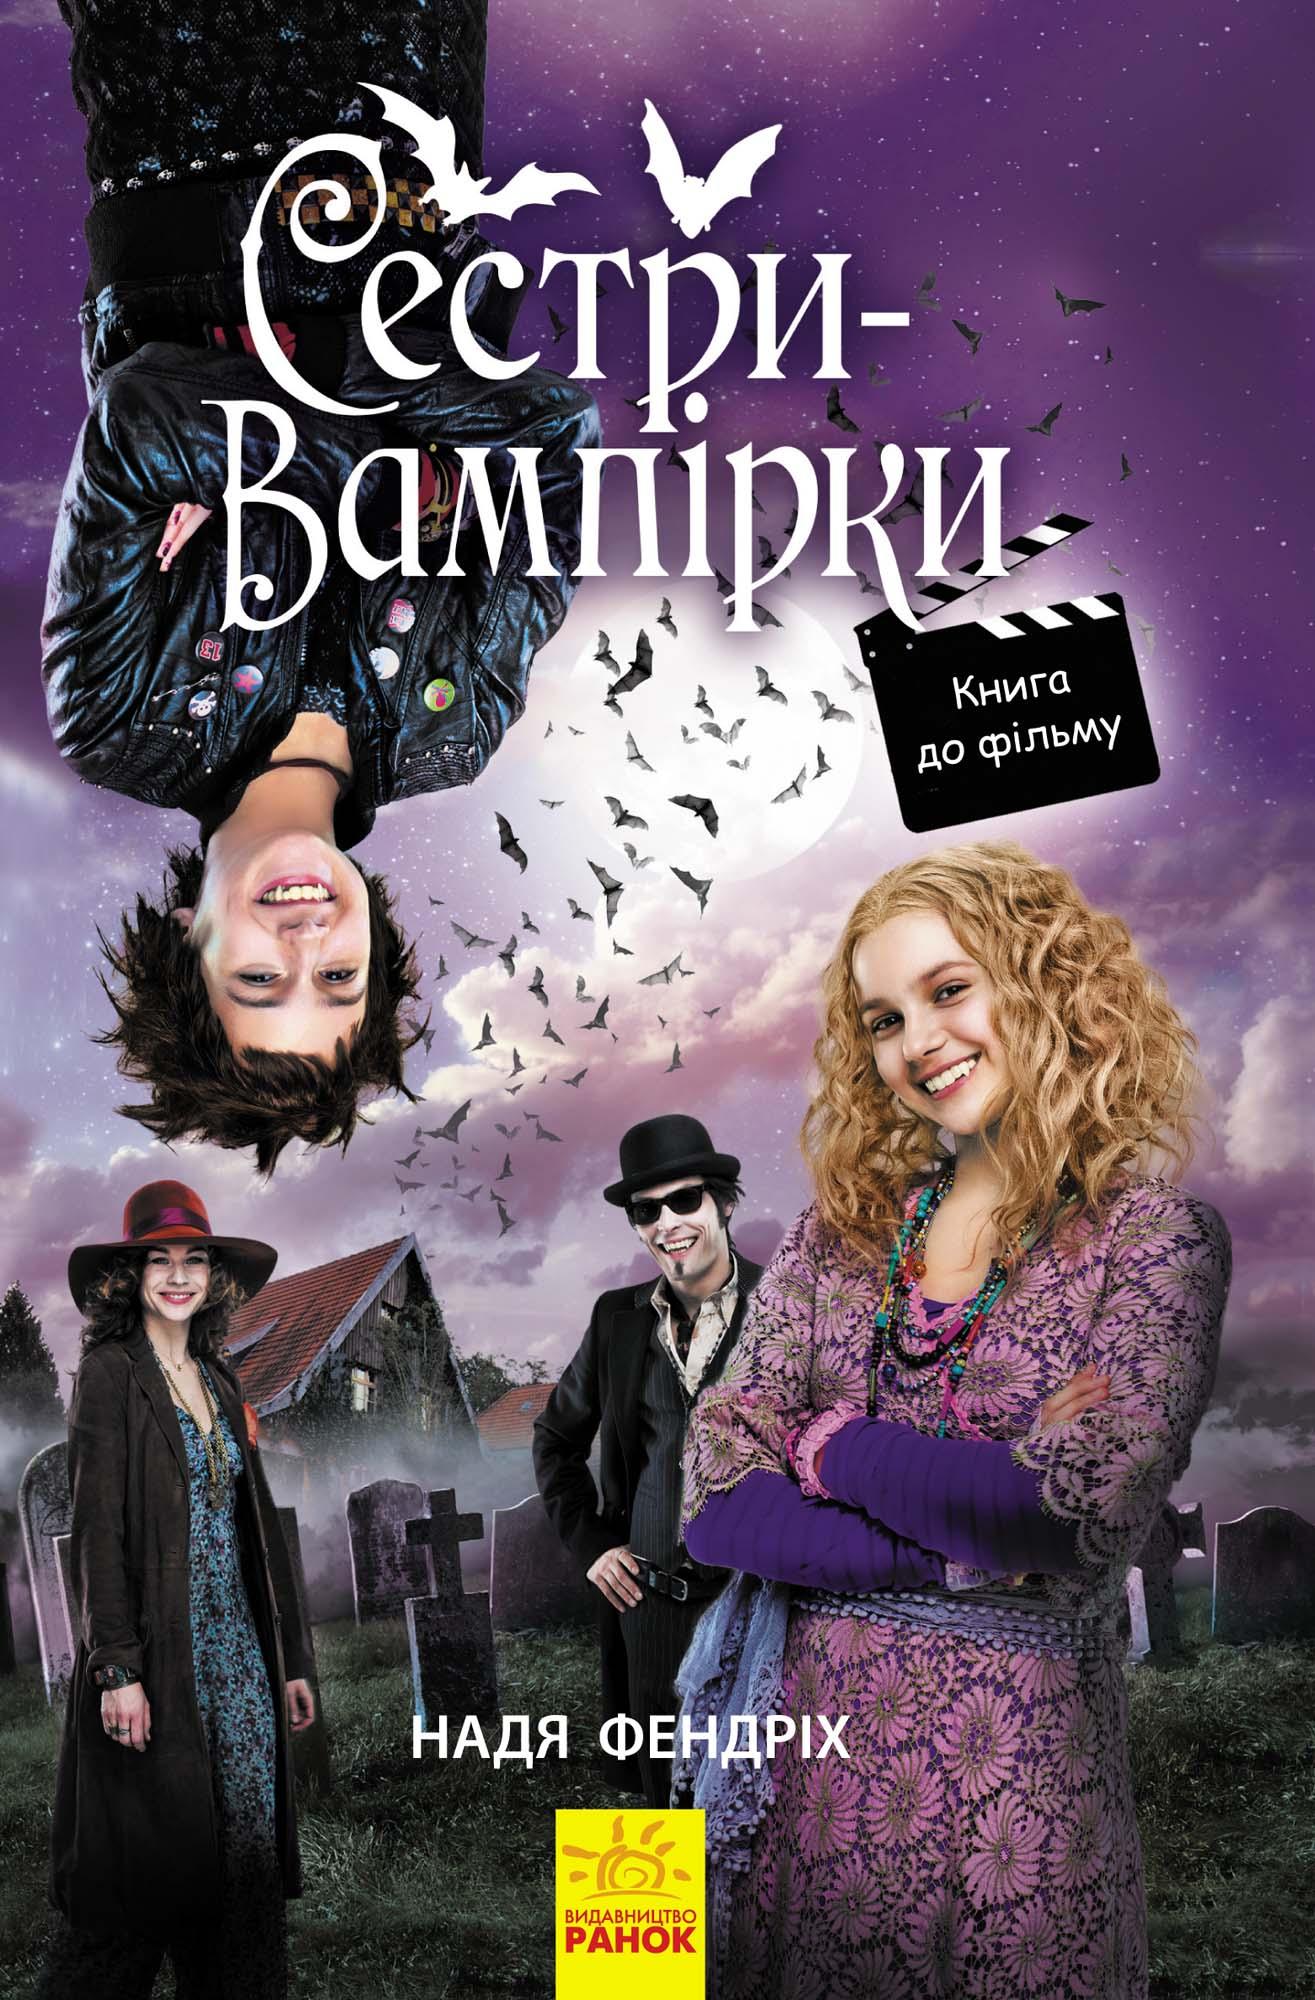 Надя Фендріх Сестри-вампірки 1. Книга до фільму